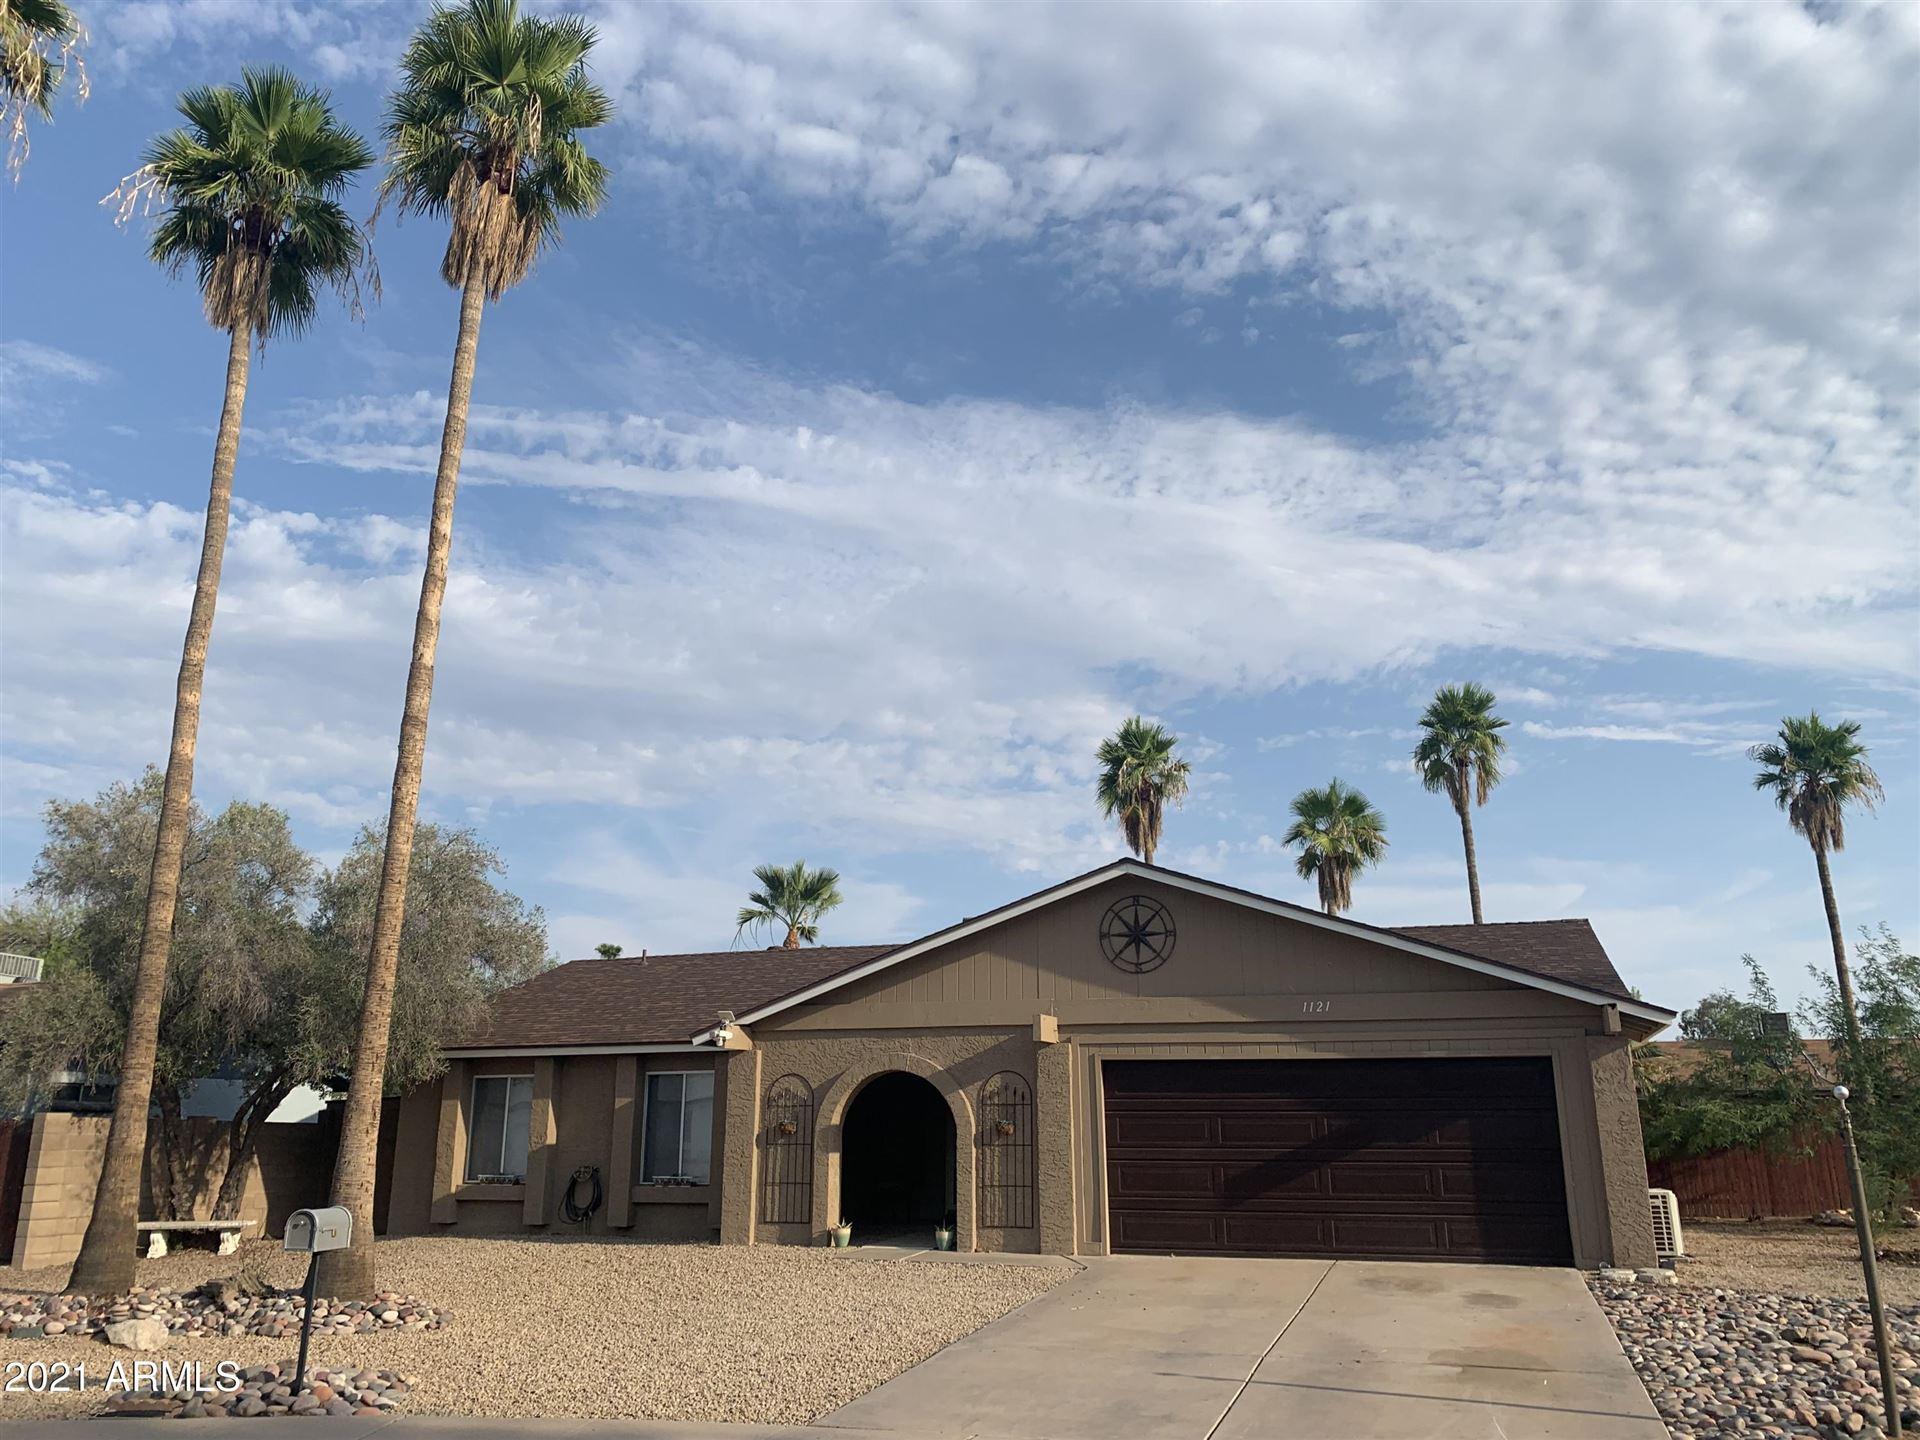 Photo of 1121 W LA JOLLA Drive, Tempe, AZ 85282 (MLS # 6268553)